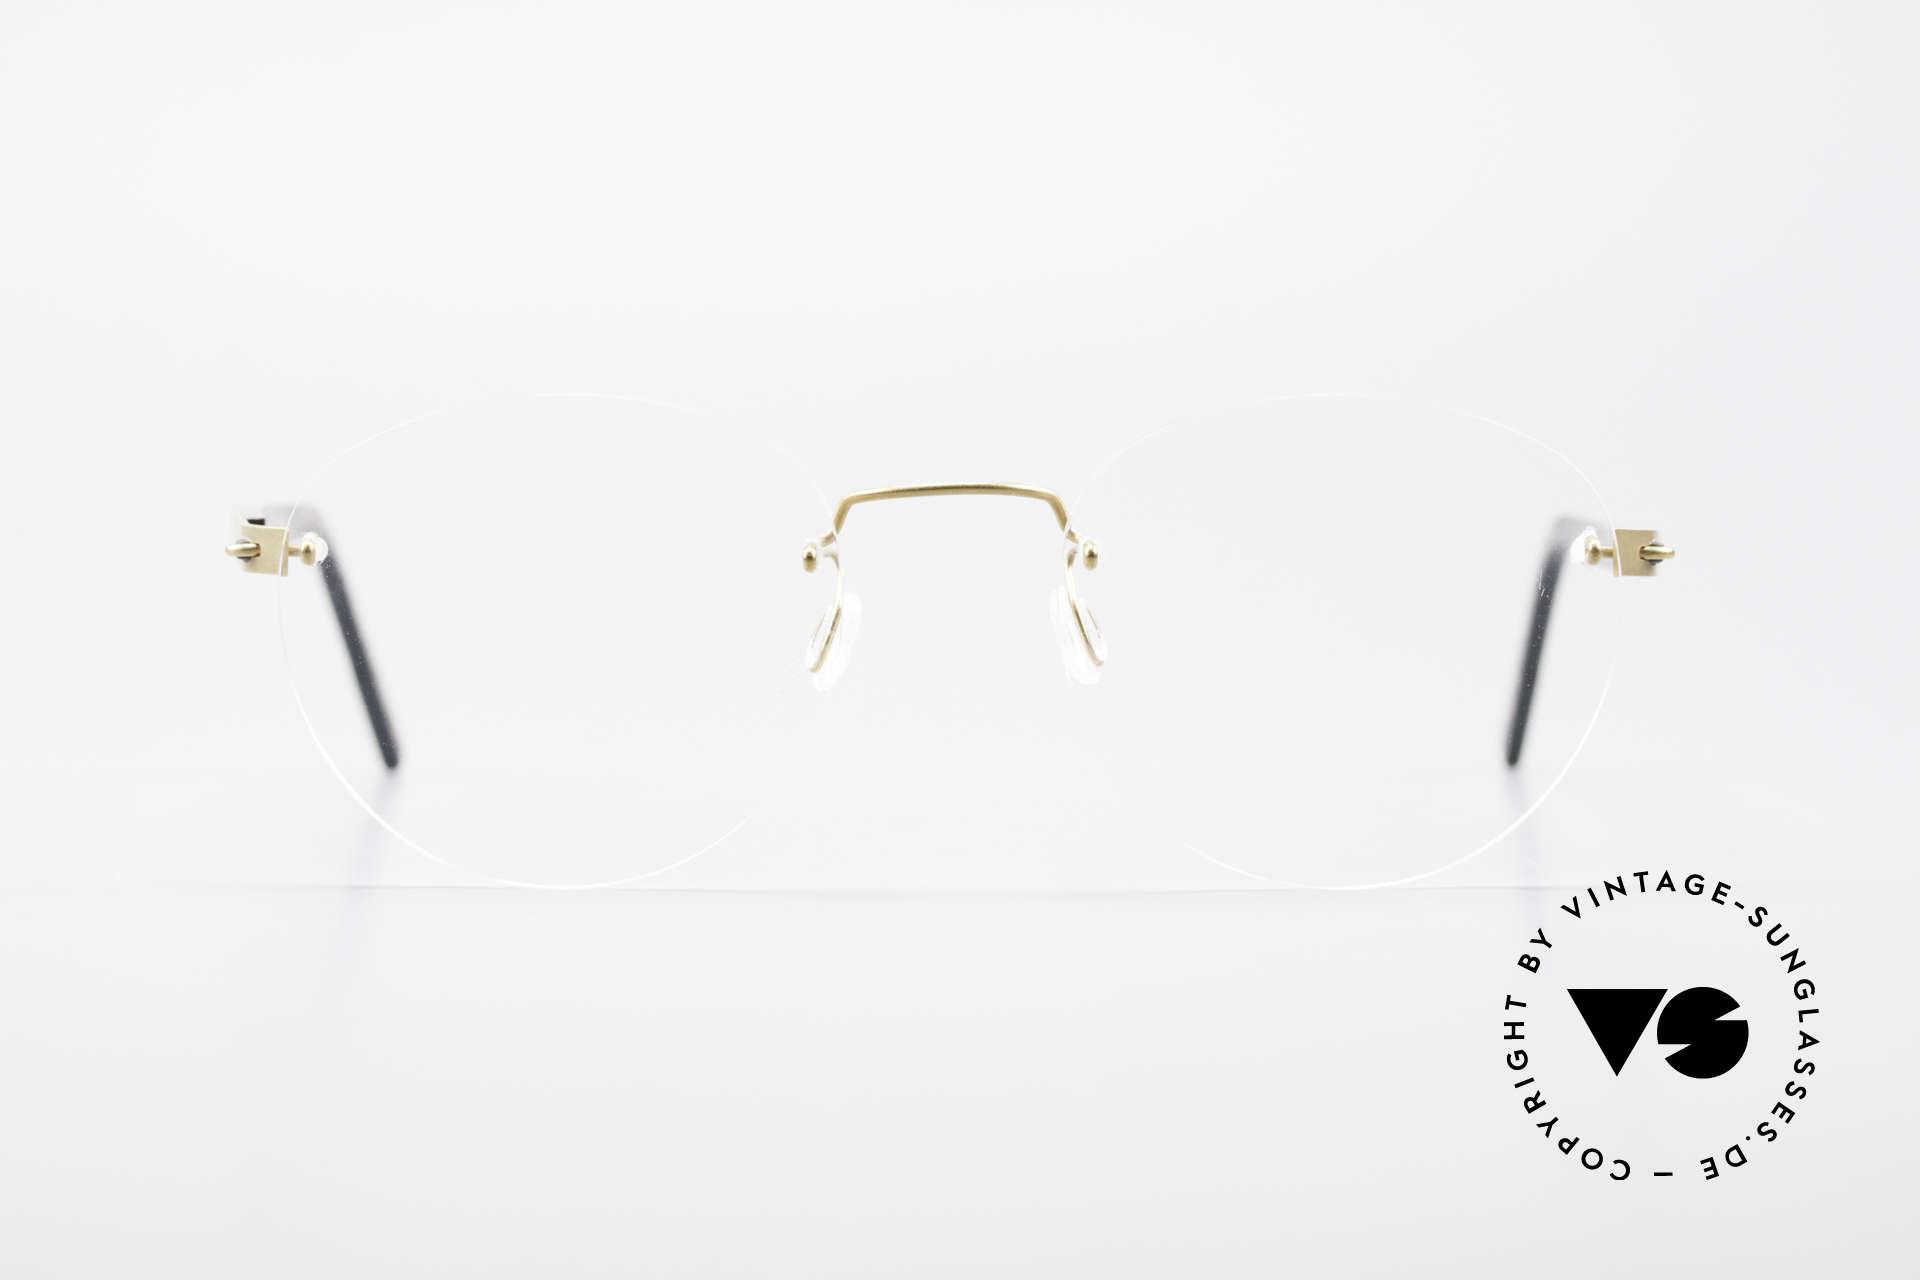 Lindberg 2110 Spirit Titan Runde Randlose Titanium Brille, vielfach ausgezeichnet hinsichtlich Qualität und Design, Passend für Herren und Damen